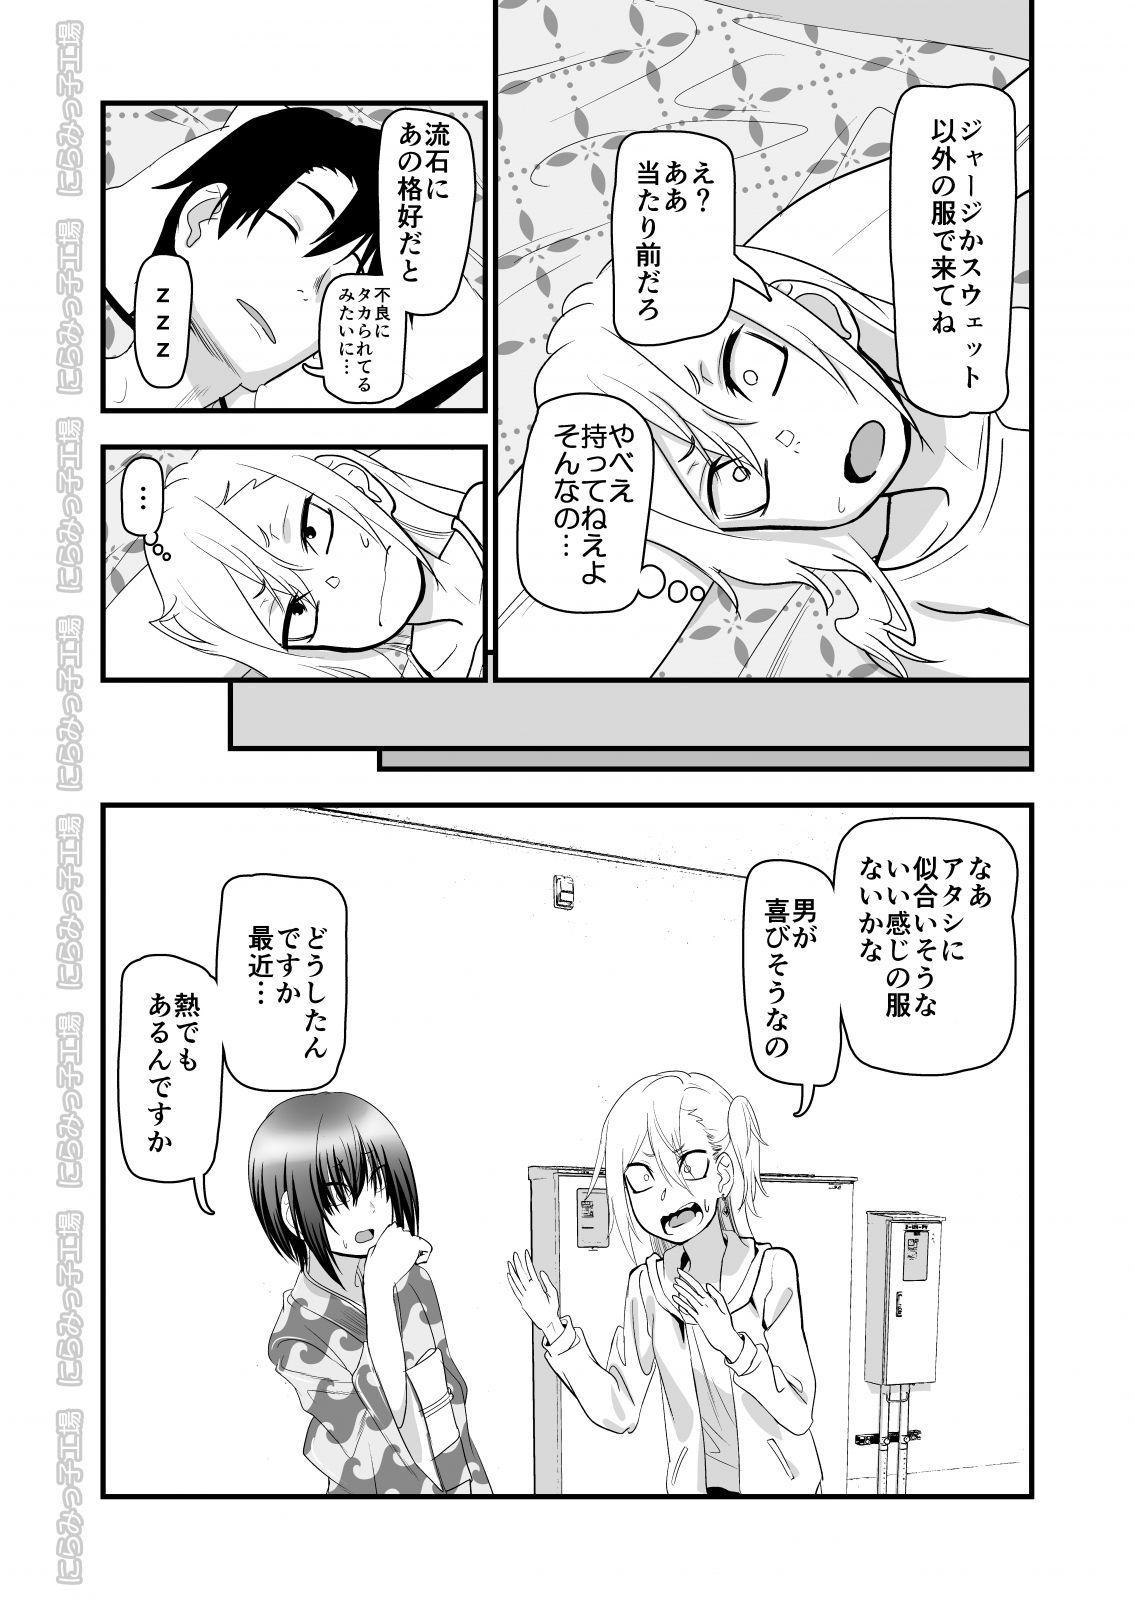 Kinpatsu Yancha-kei na Kanojo to no Kurashikata 2・Kouhen 55